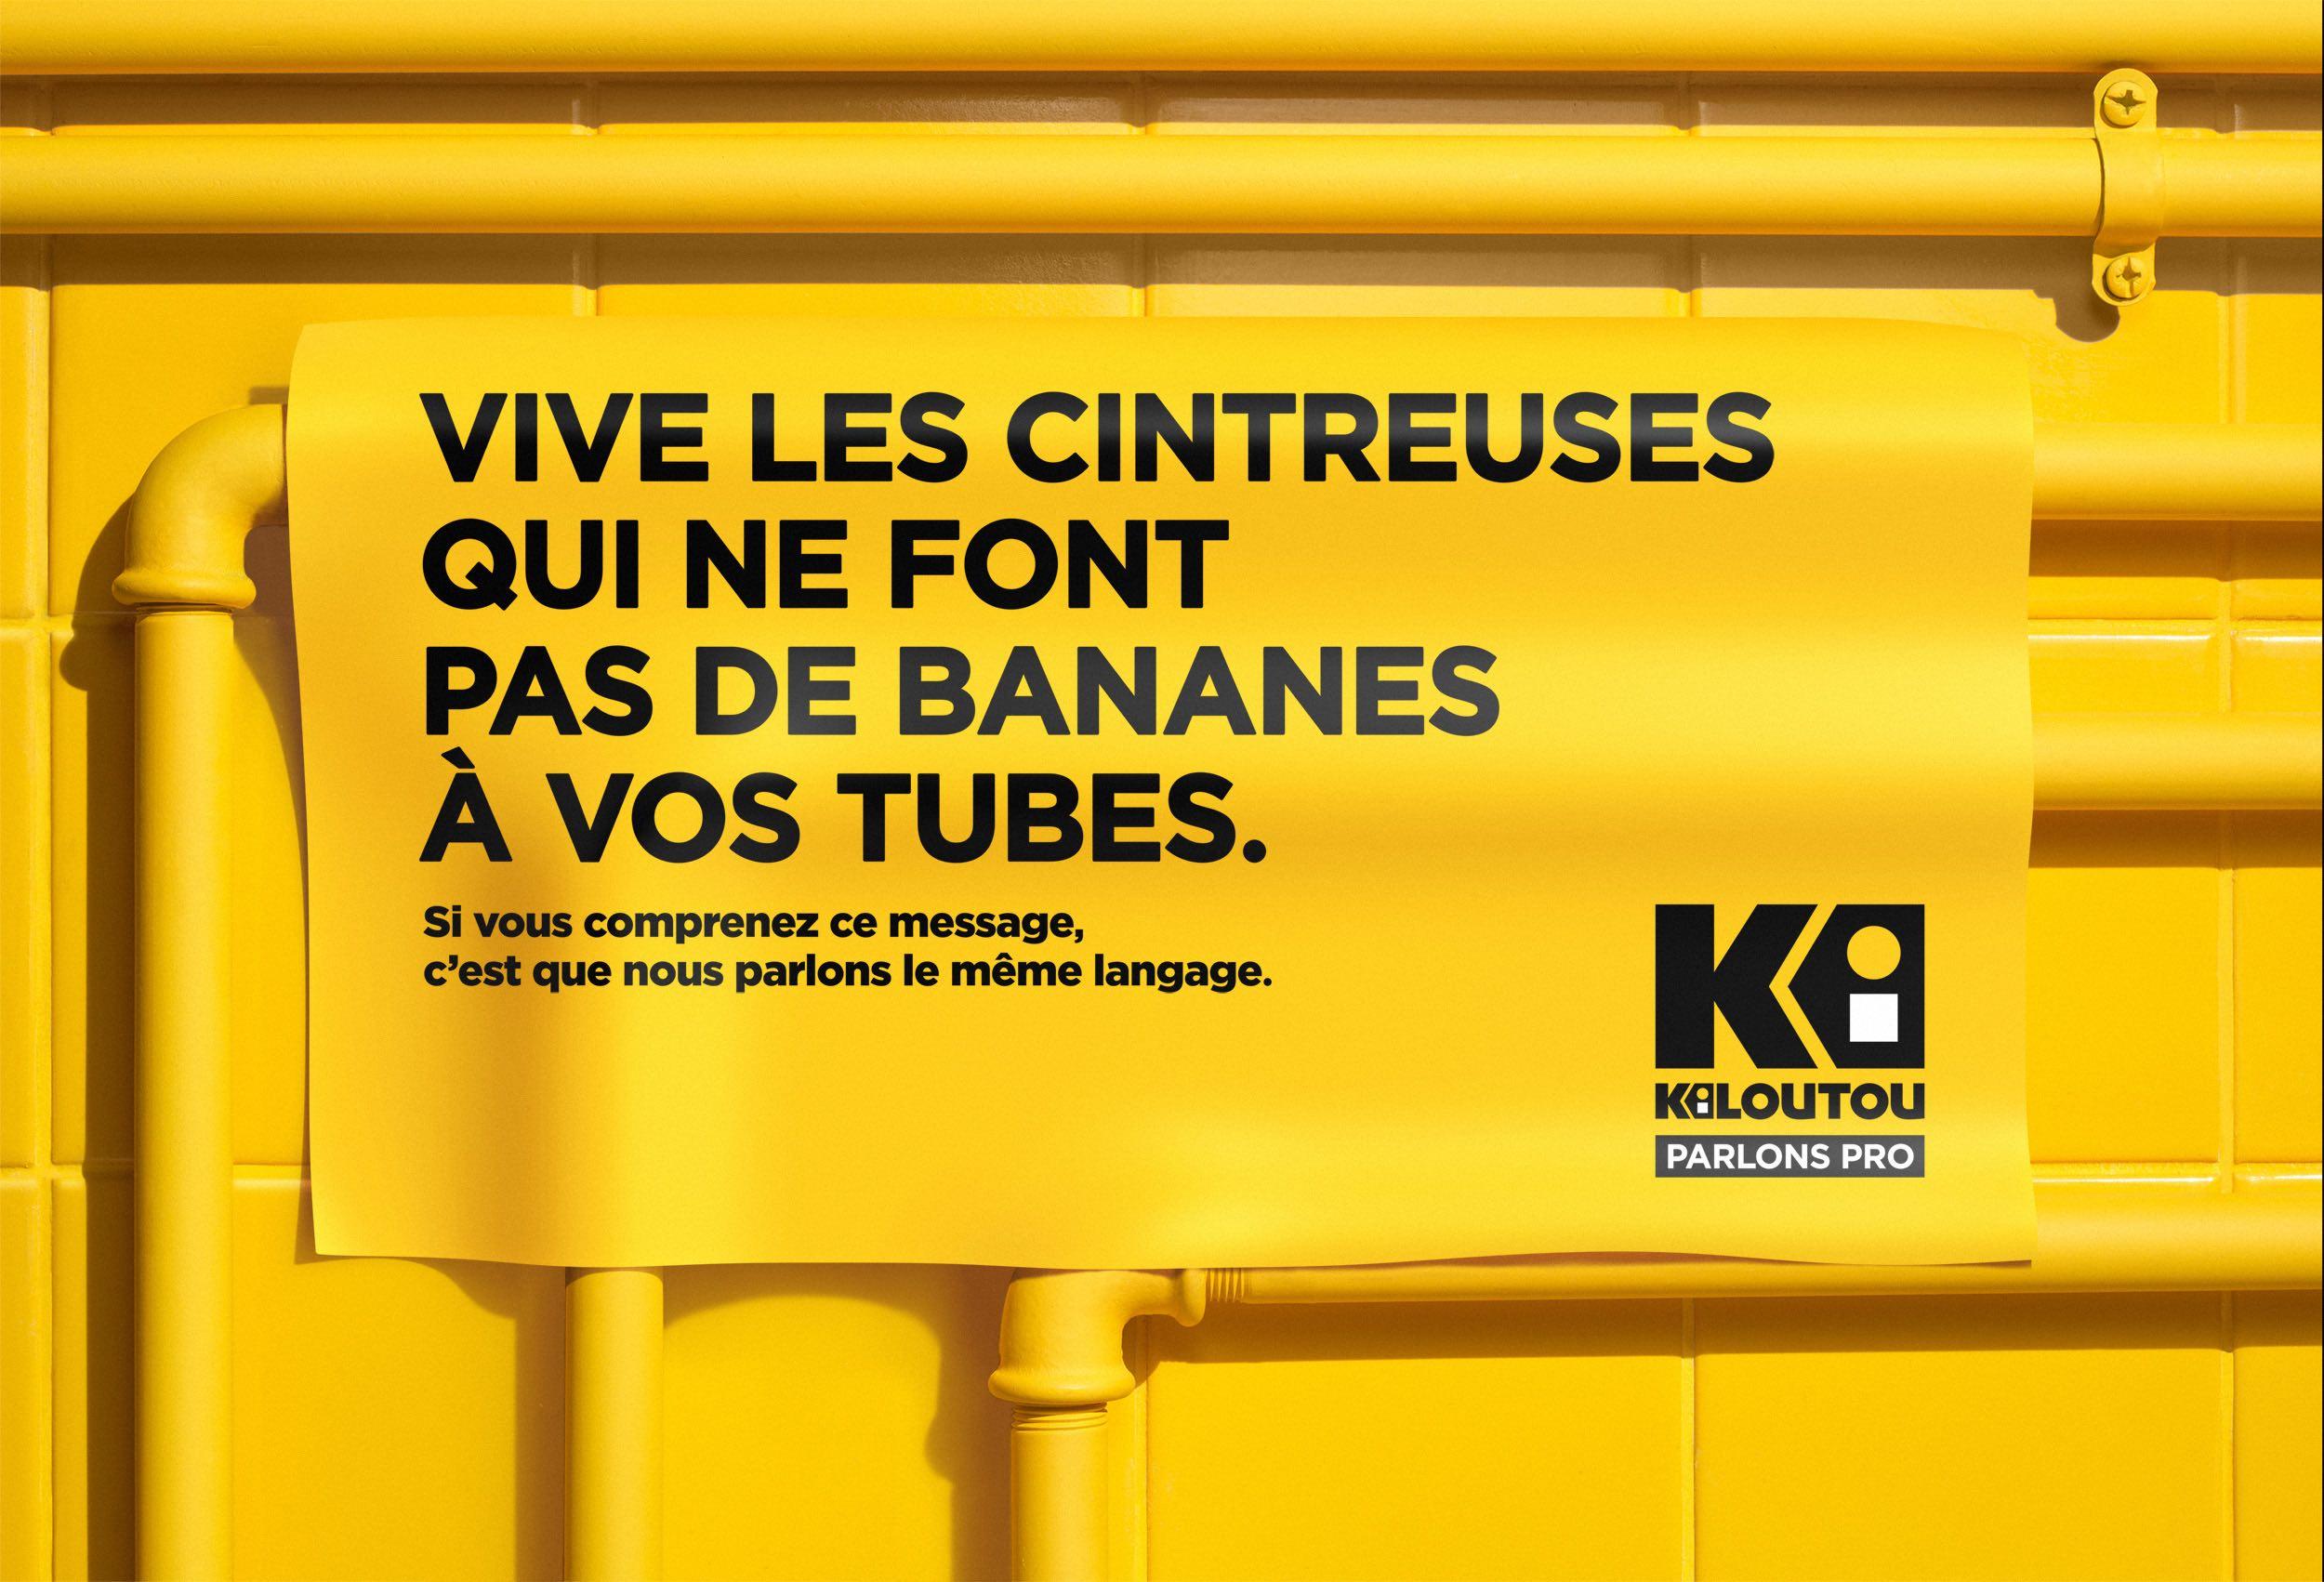 kiloutou-publicite-marketing-parlons-pro-jargon-technique-rosapark-4